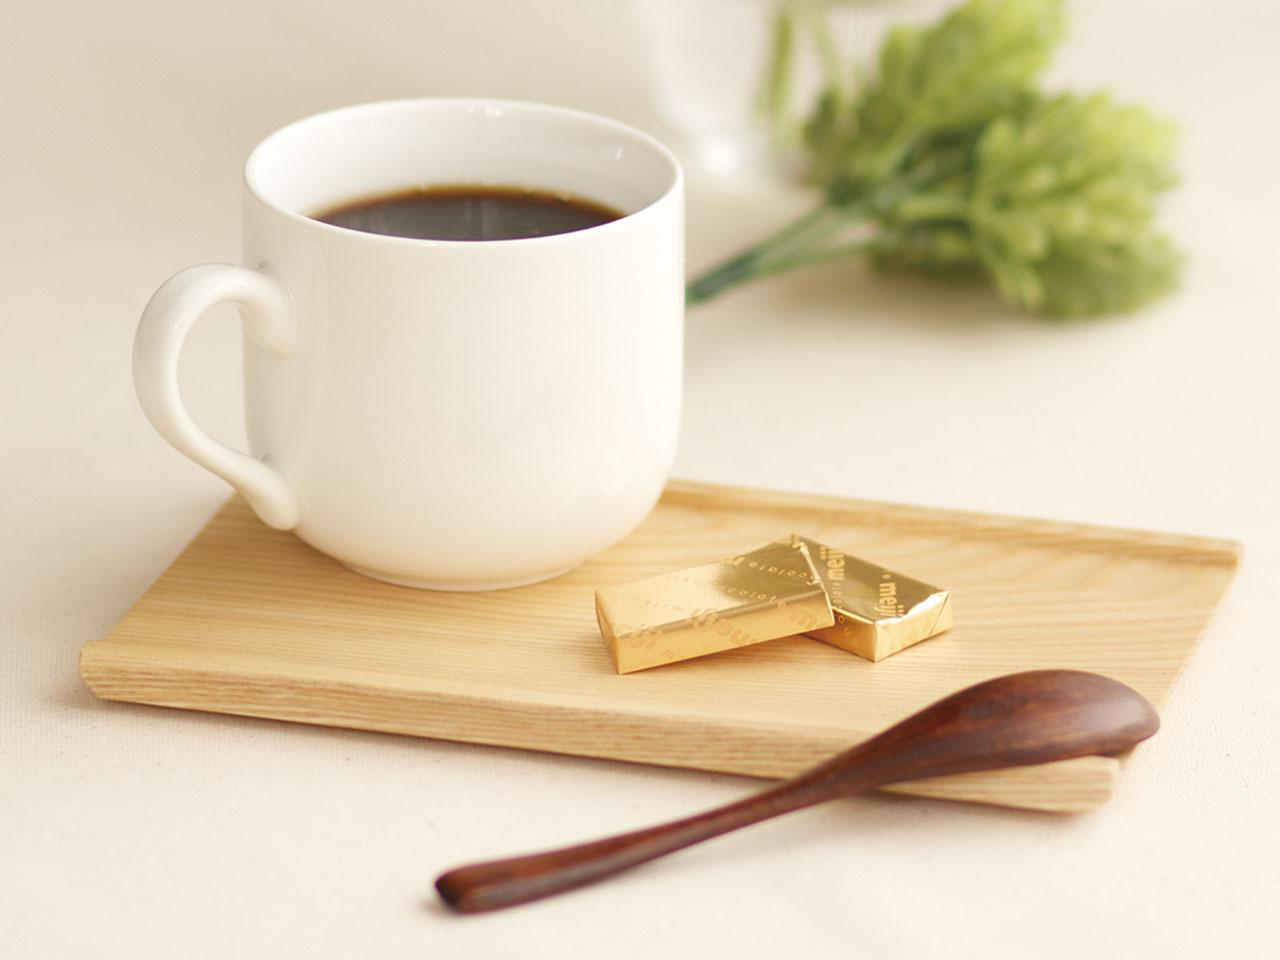 日本製のカフェトレー 「おひとり様トレー」 選べるコーヒースプーン付(shop限定セット) ポストIN発送対応商品